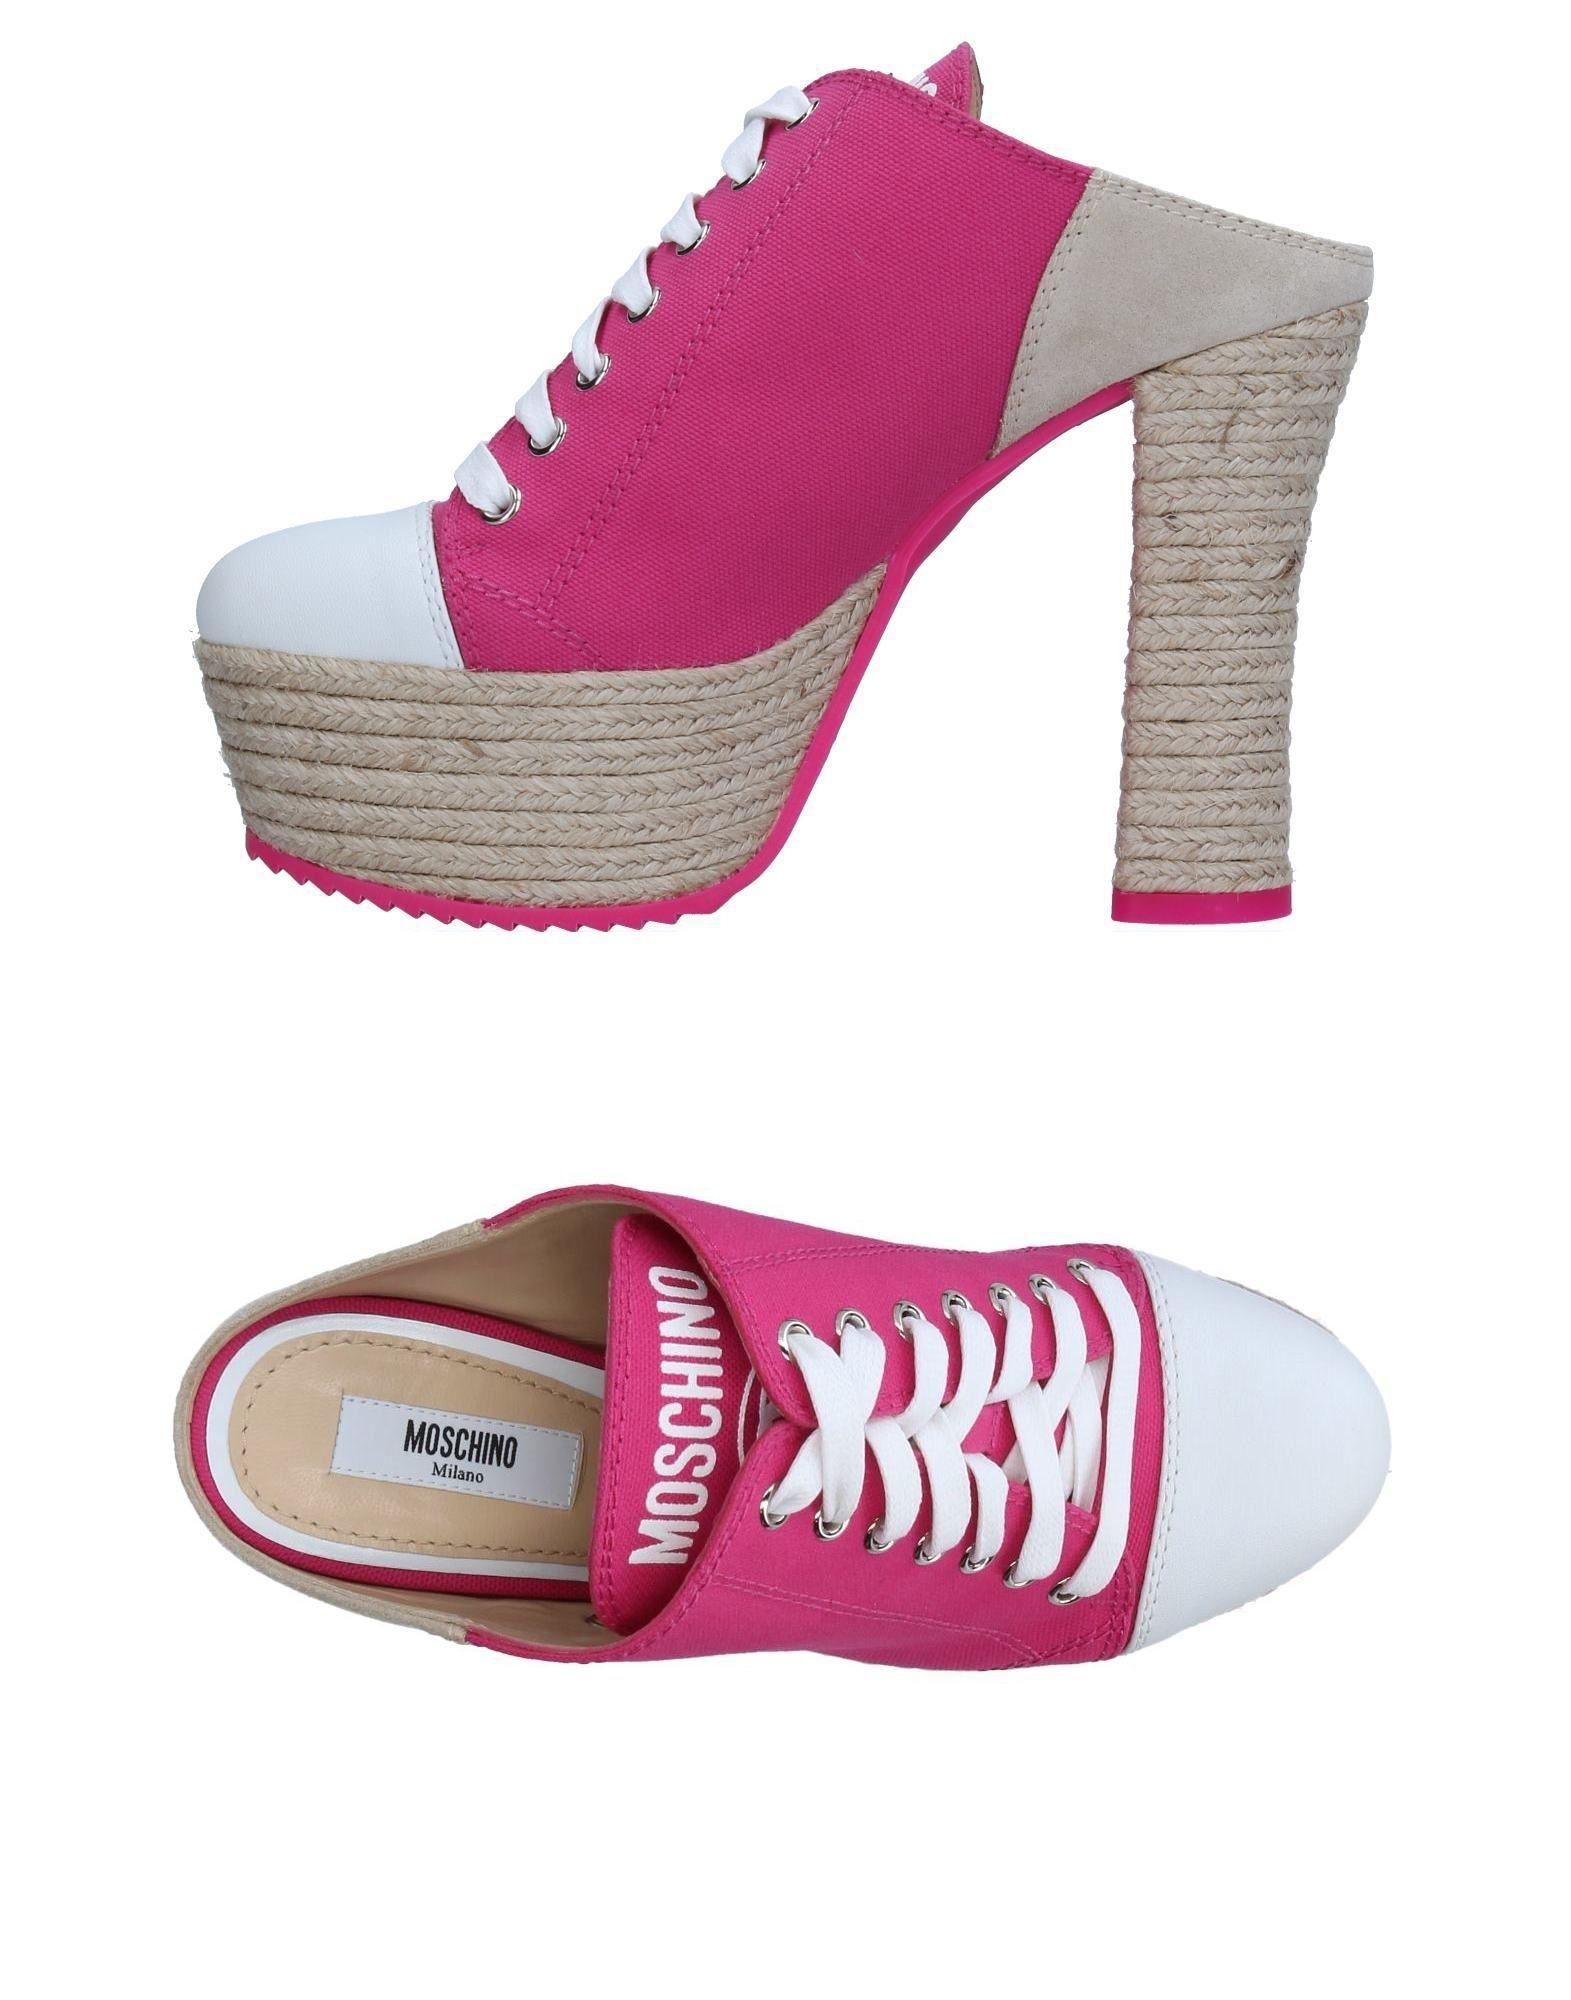 Haltbare Mode billige Schuhe Moschino Pantoletten Damen  11326773UM Heiße Schuhe